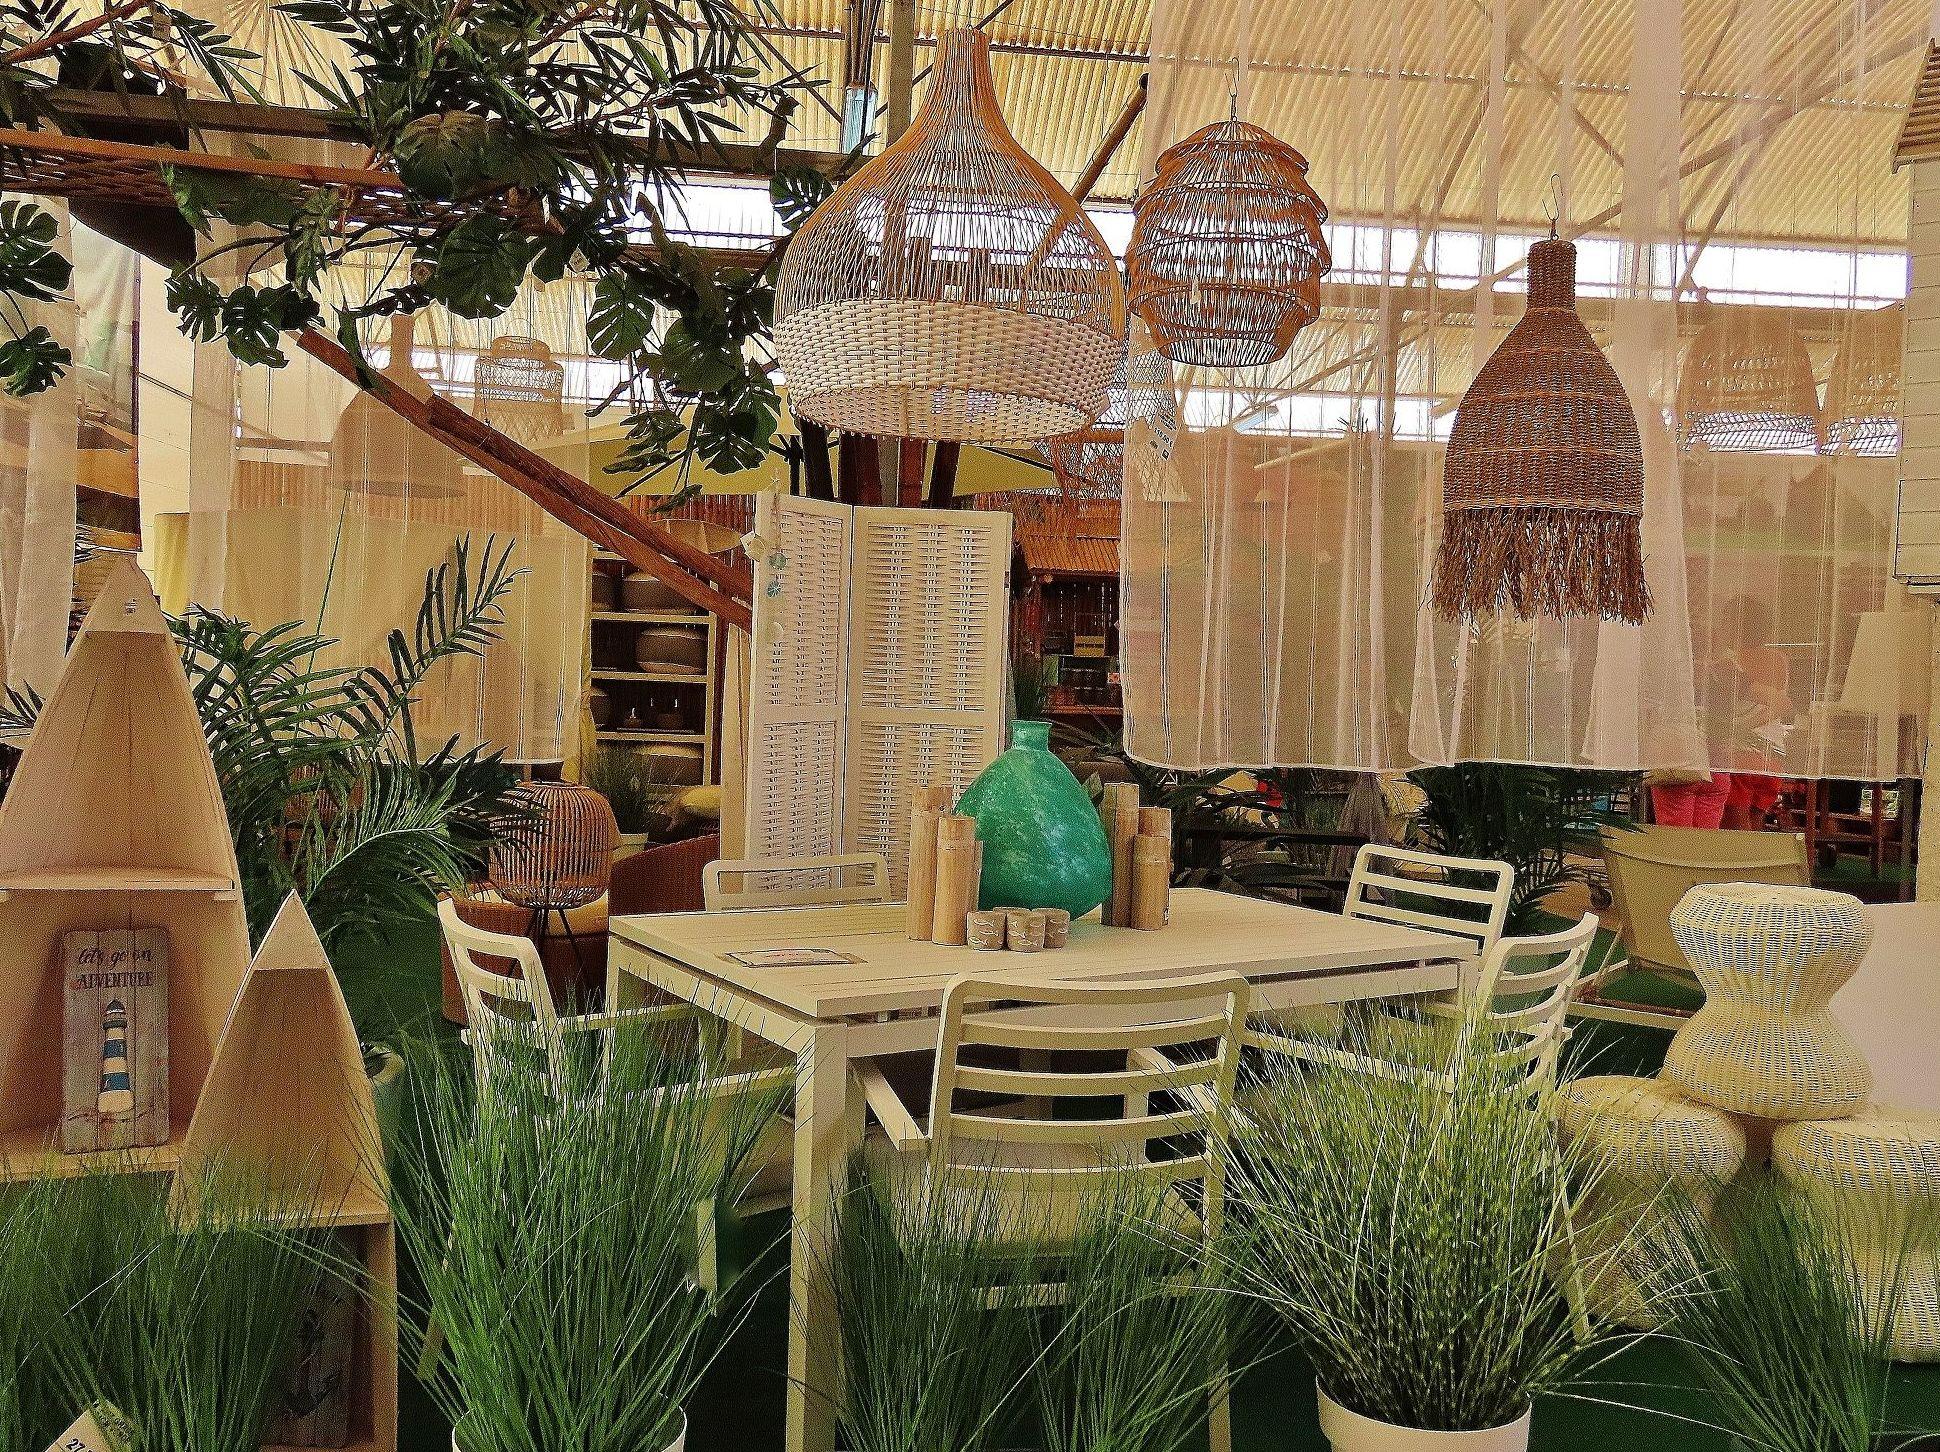 Exposición de muebles de jardín en Tenerife